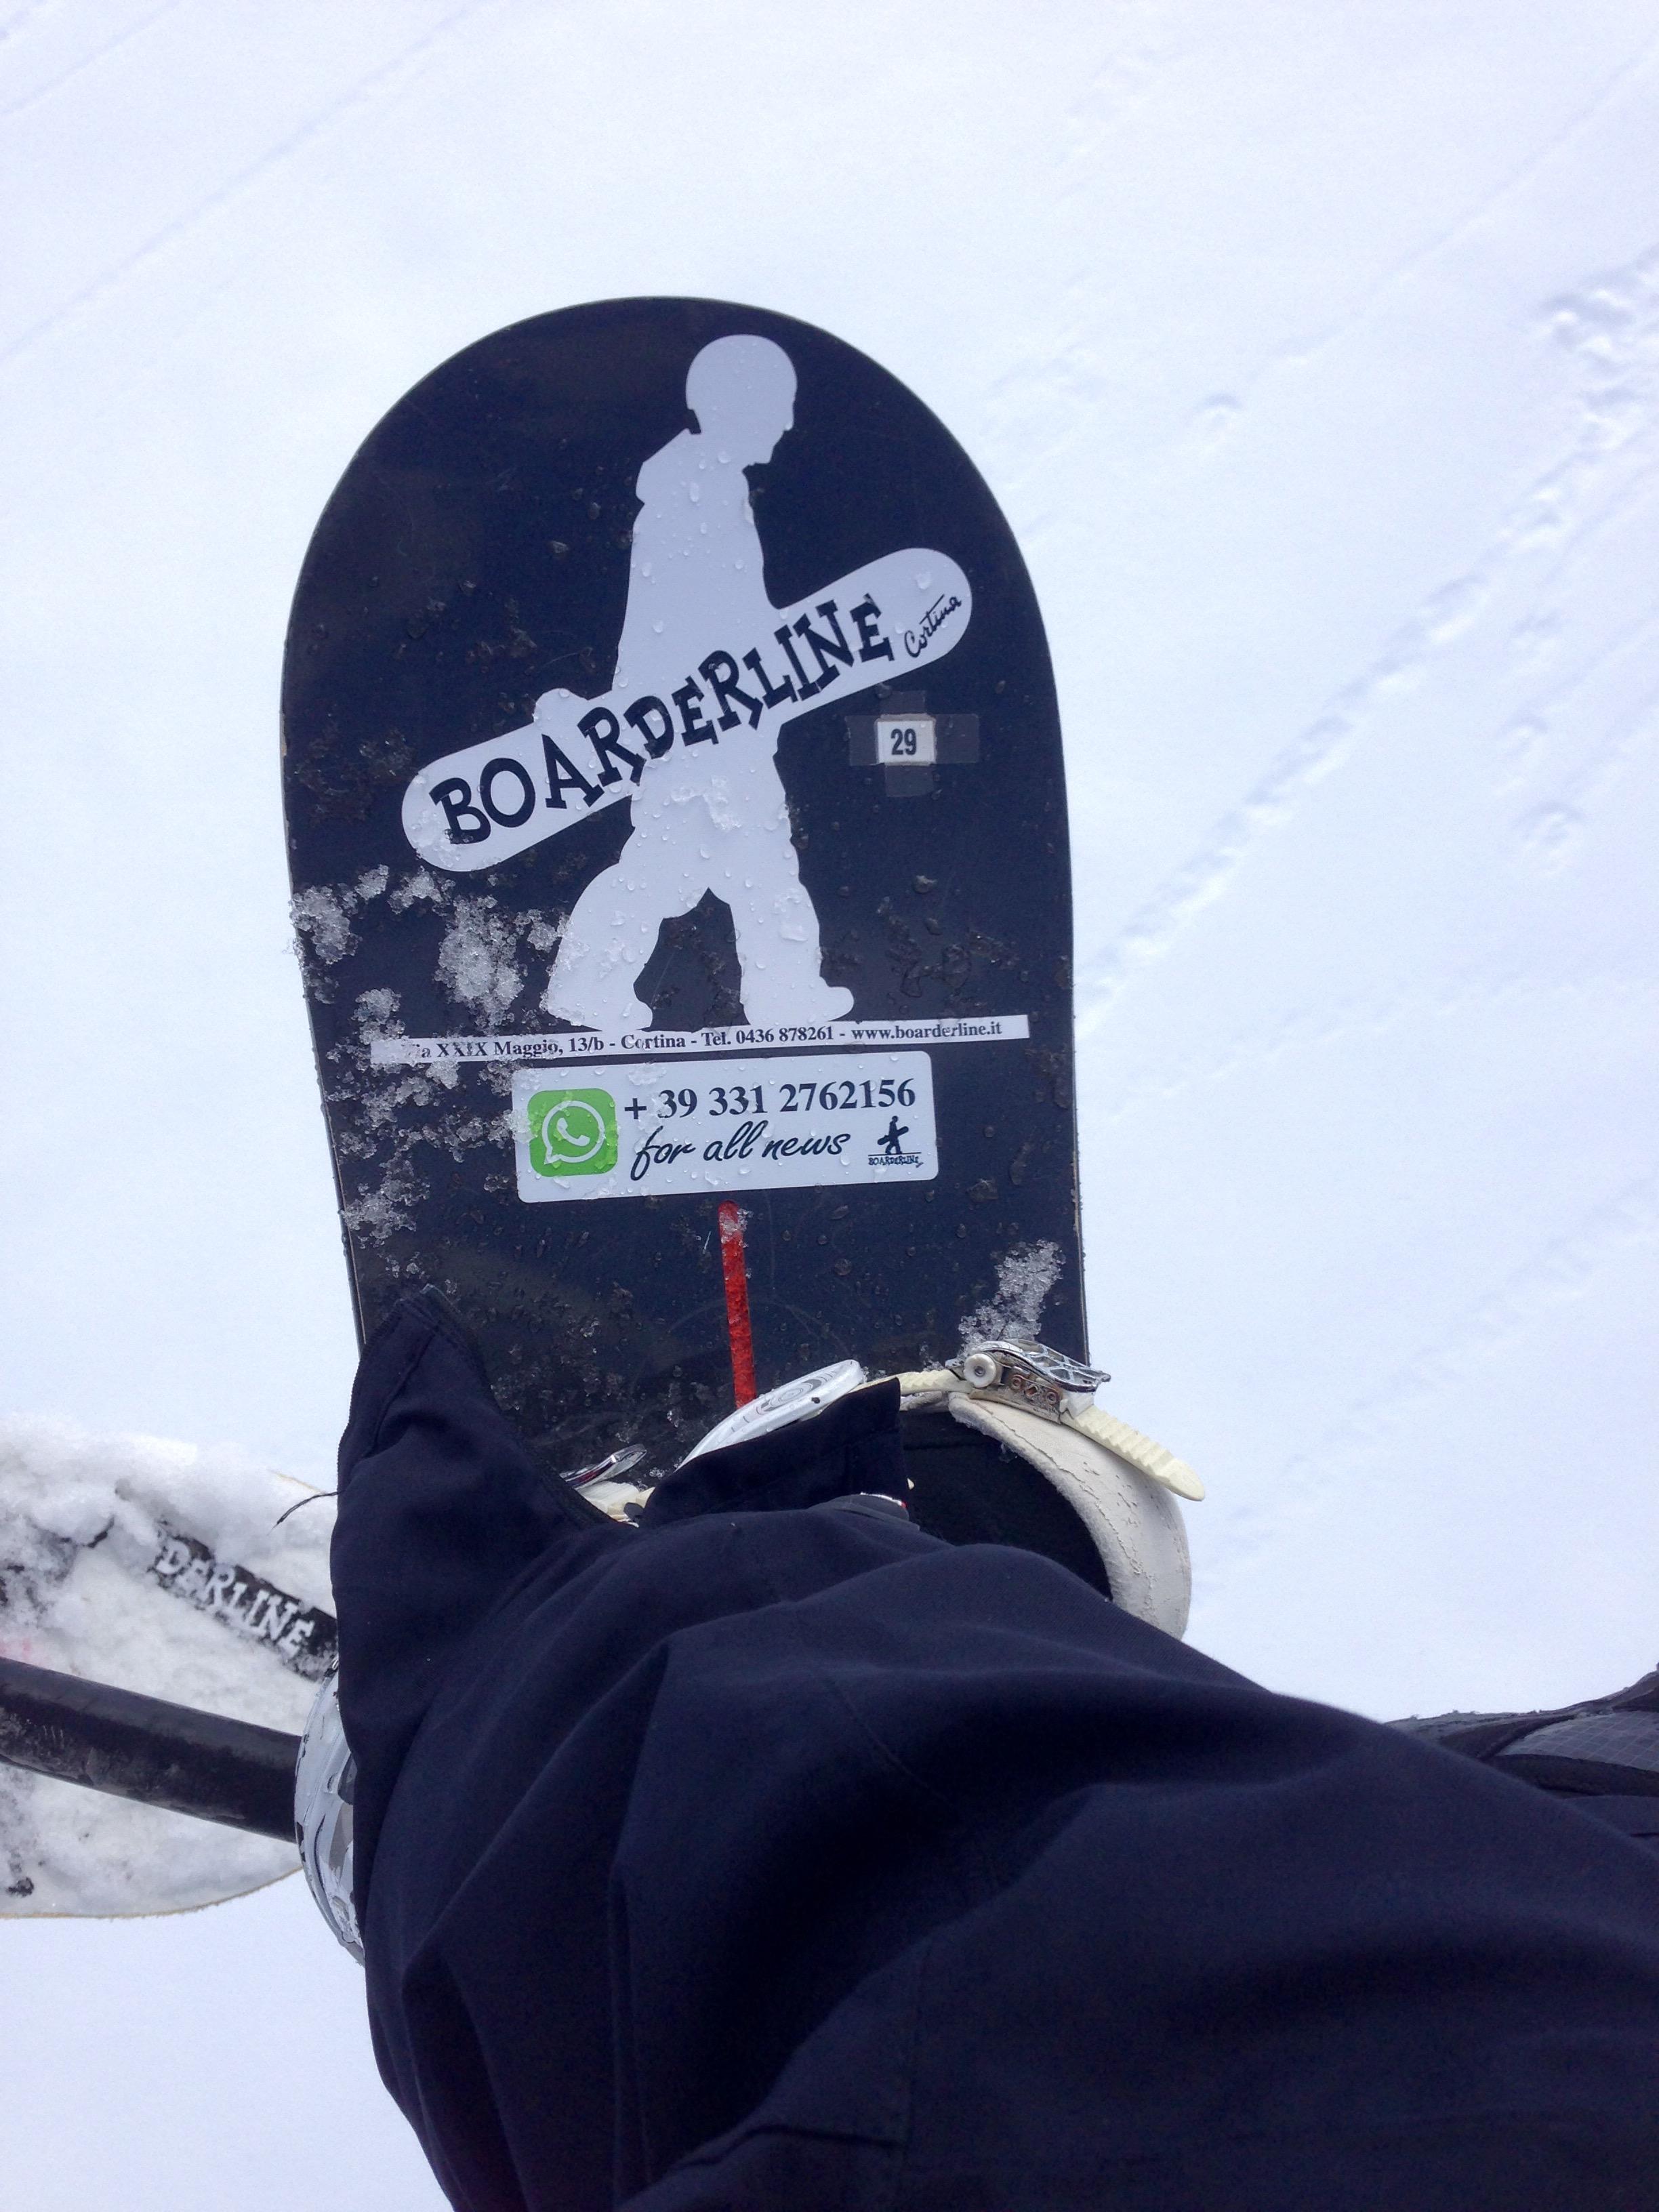 Boarderline_cortina_d_ampezzo_snowboard_scuola_snowboard_noleggio_apertura_faloria_cortinacube